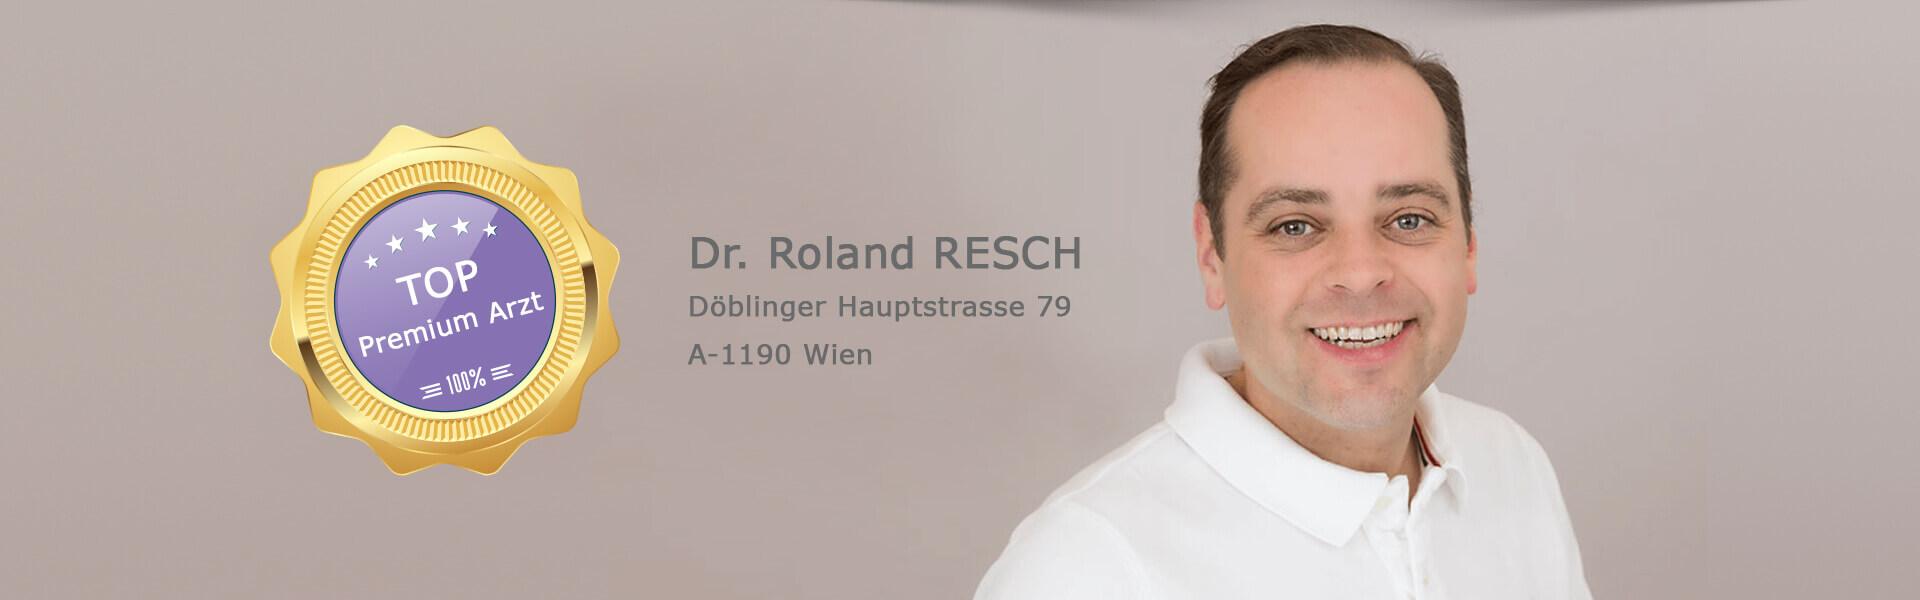 Dr Roland Resch Plastischer Chirurg 1190 Wien